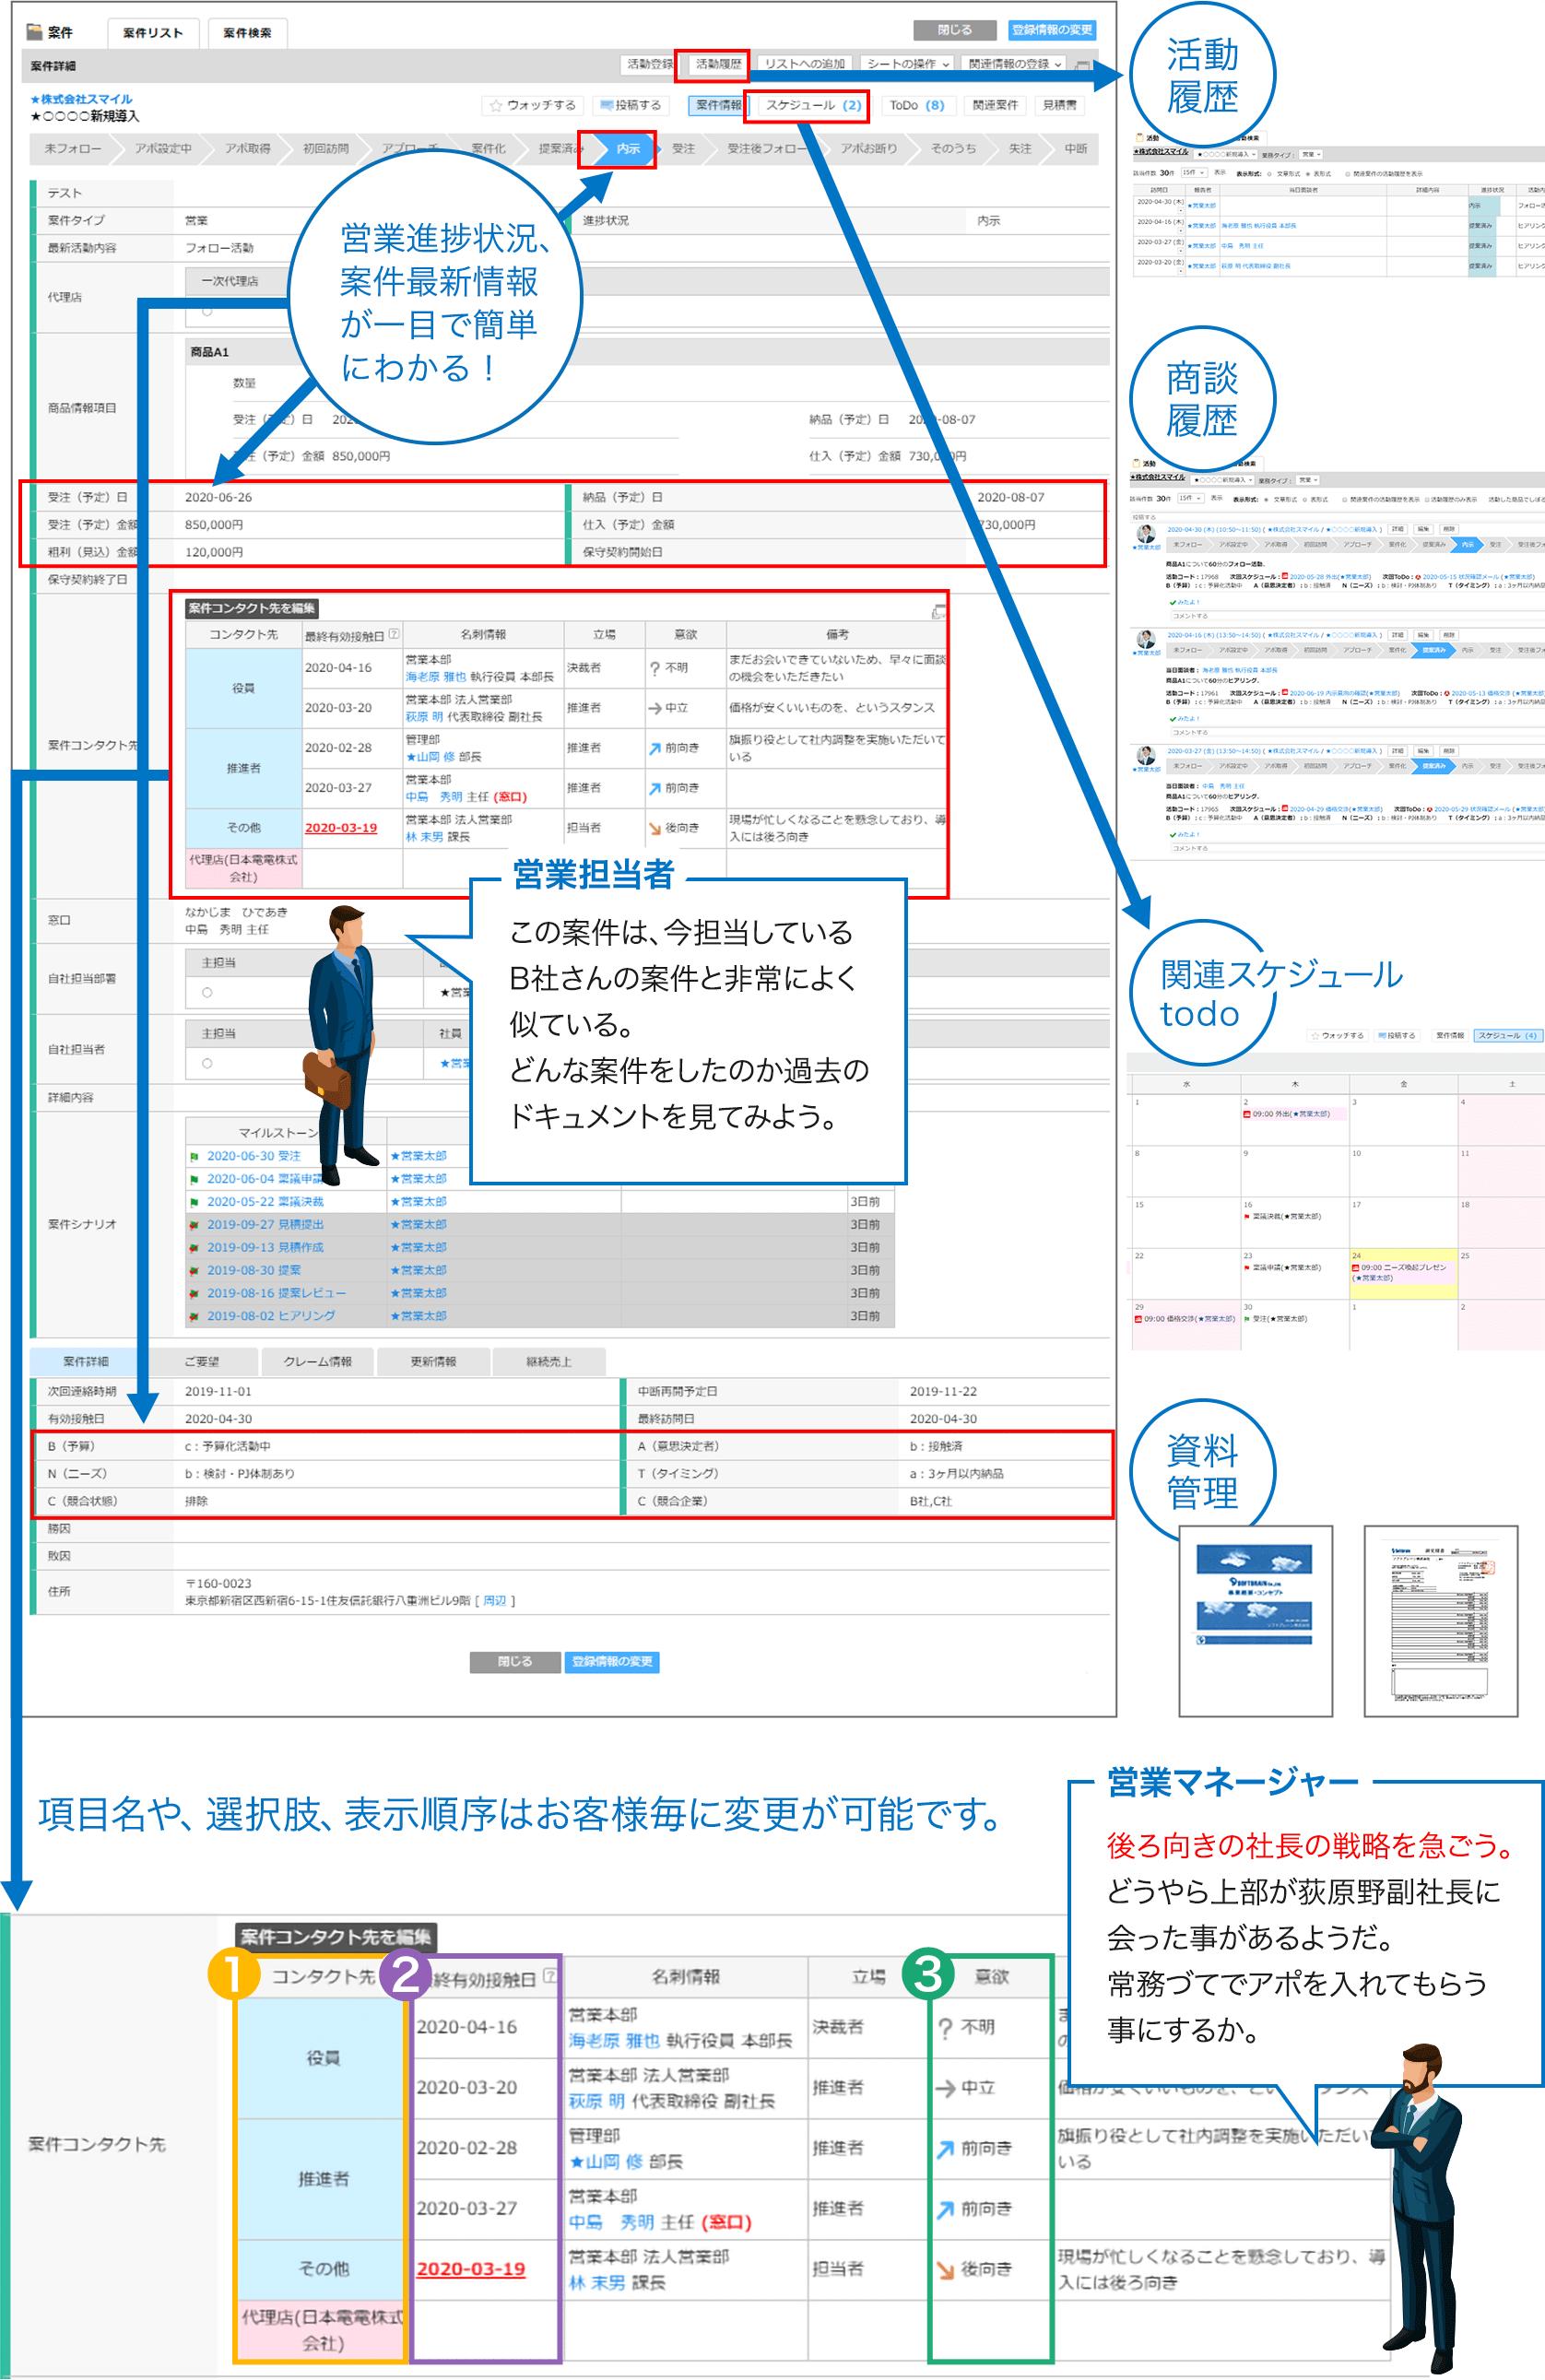 案件情報画面